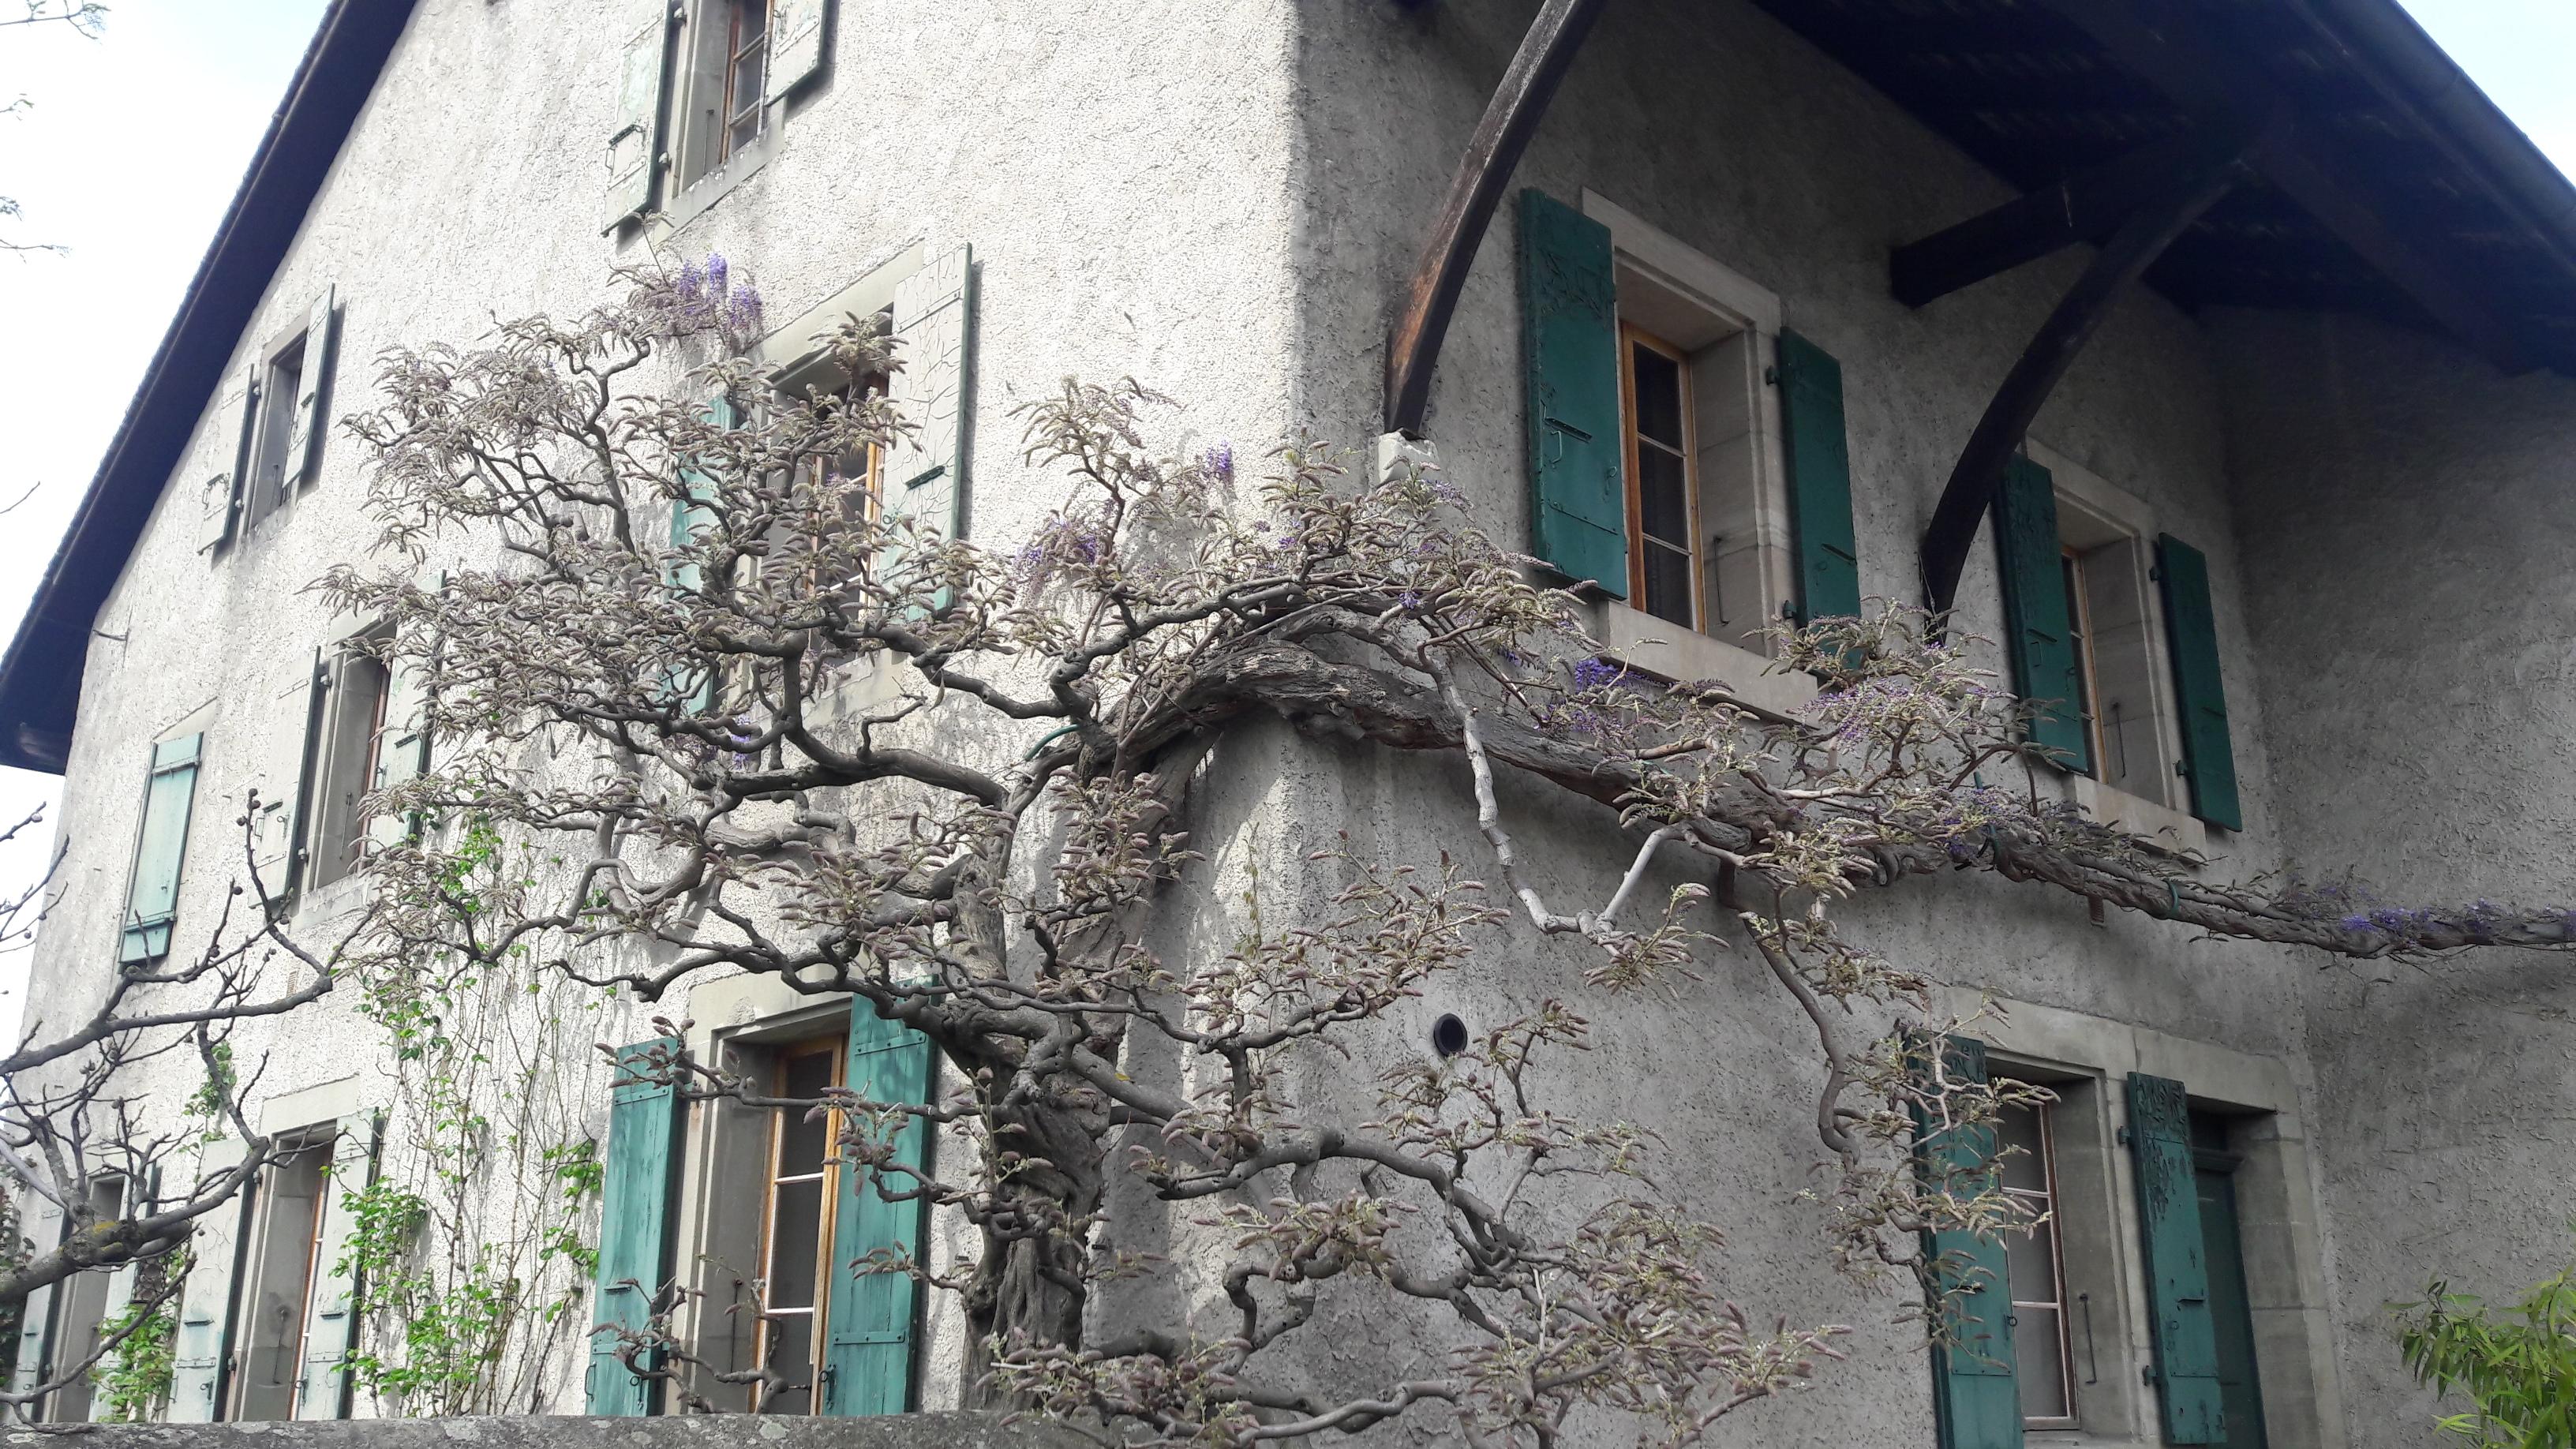 Glycines enlaçant une maison